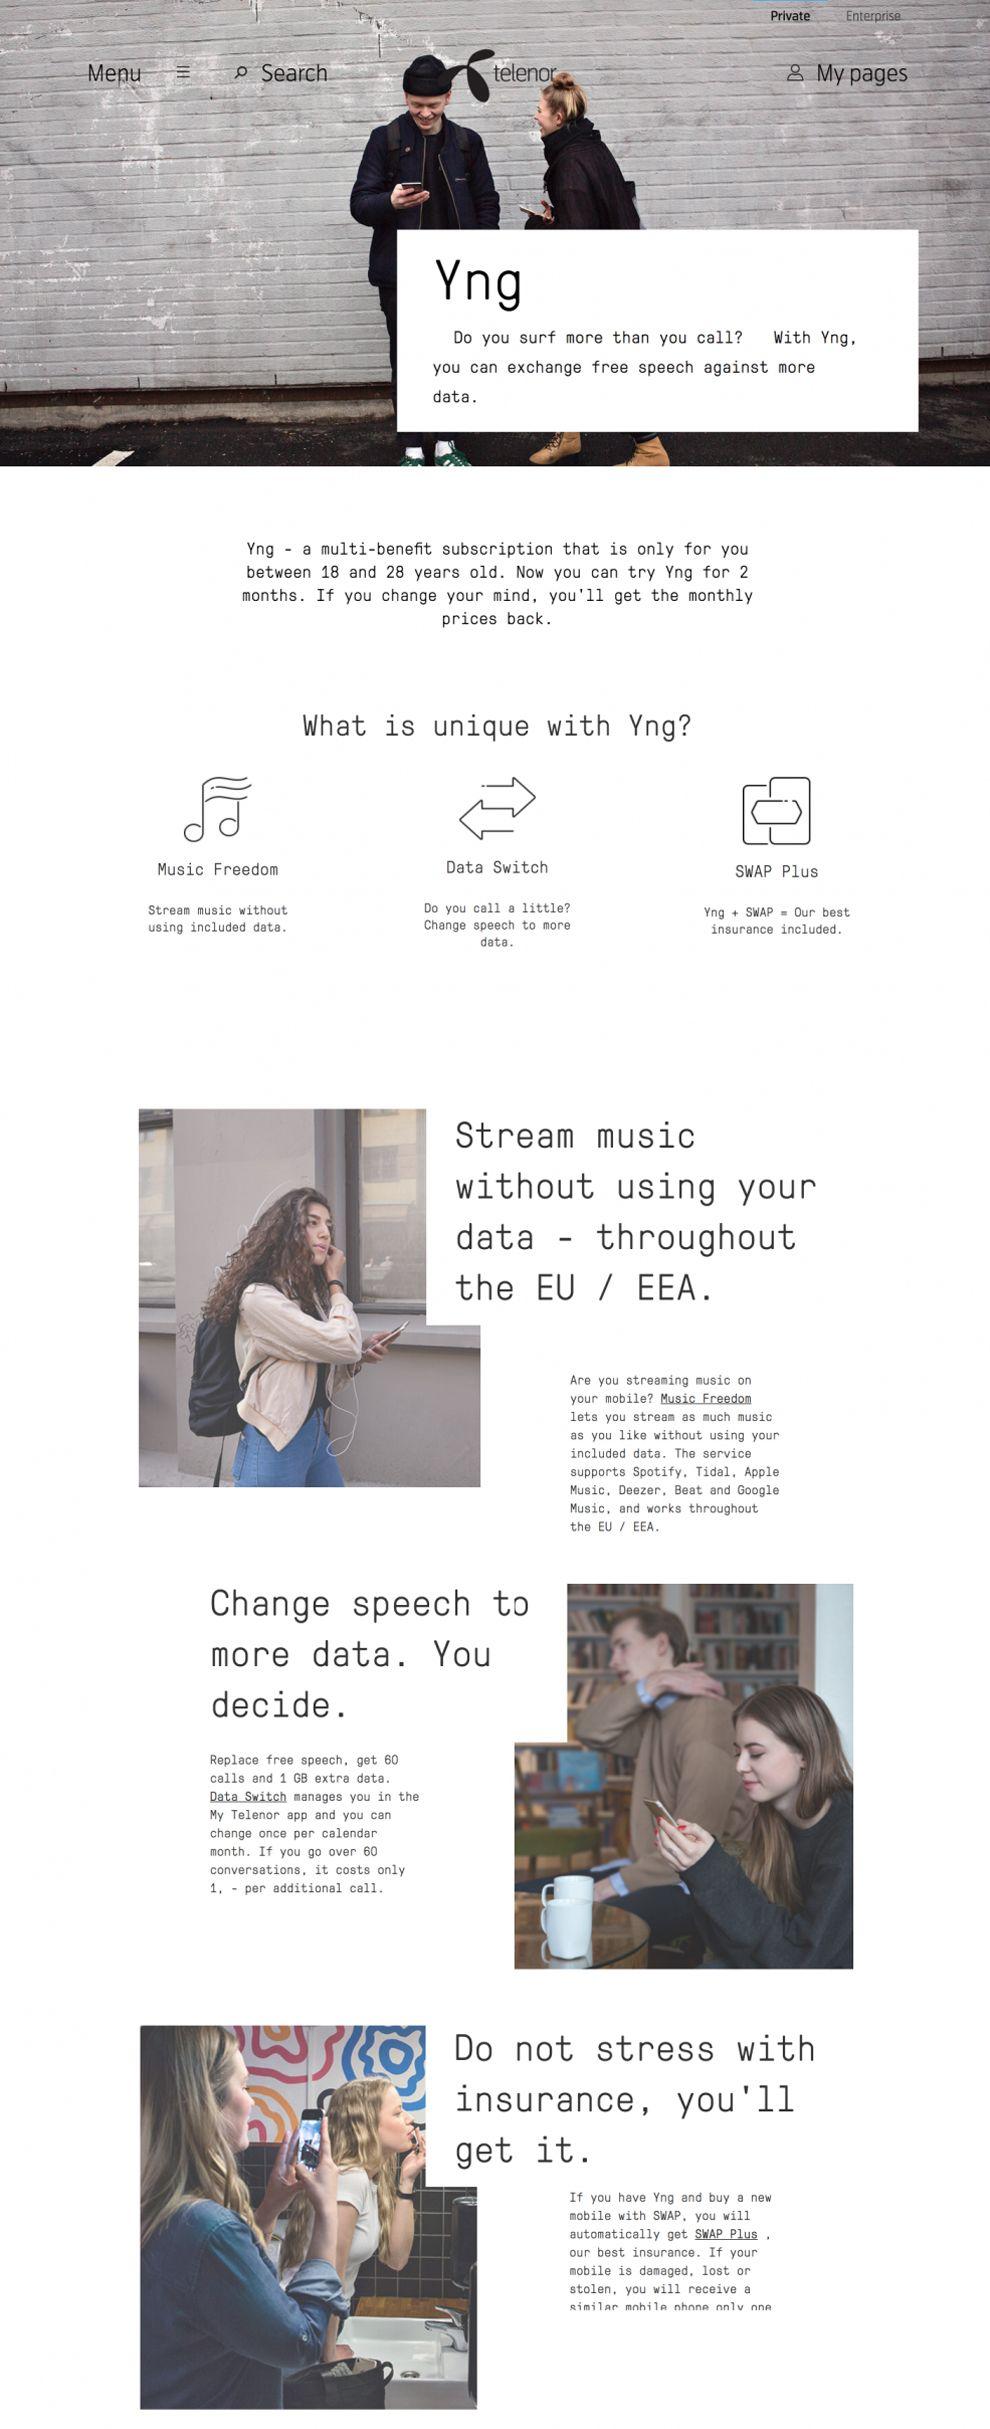 Telenoryng Clean Website Design